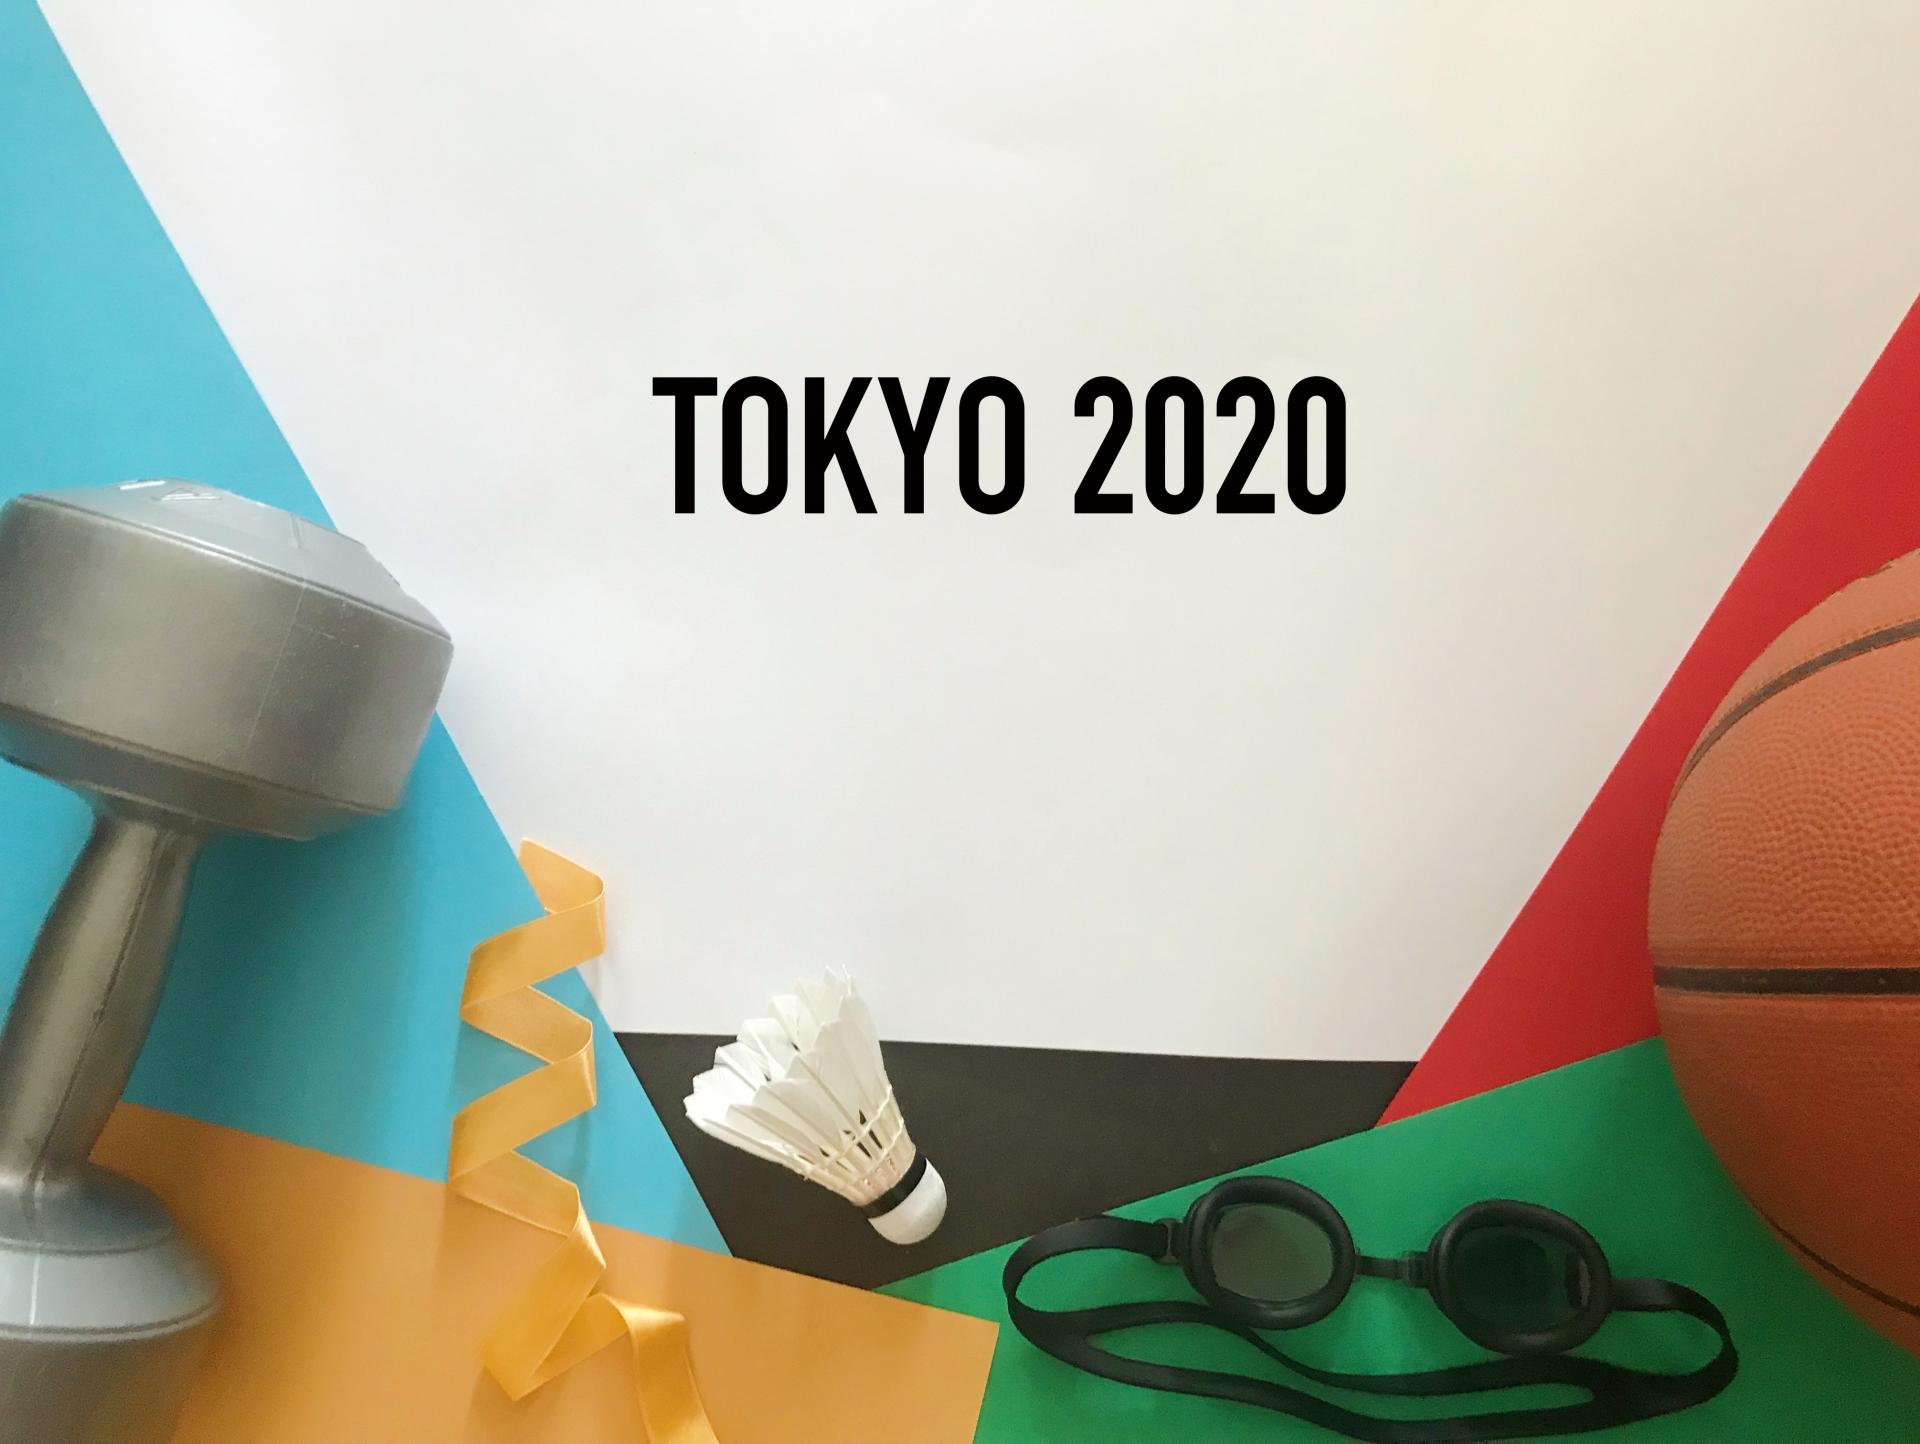 TOKYO 2020 と書かれたばなー画像